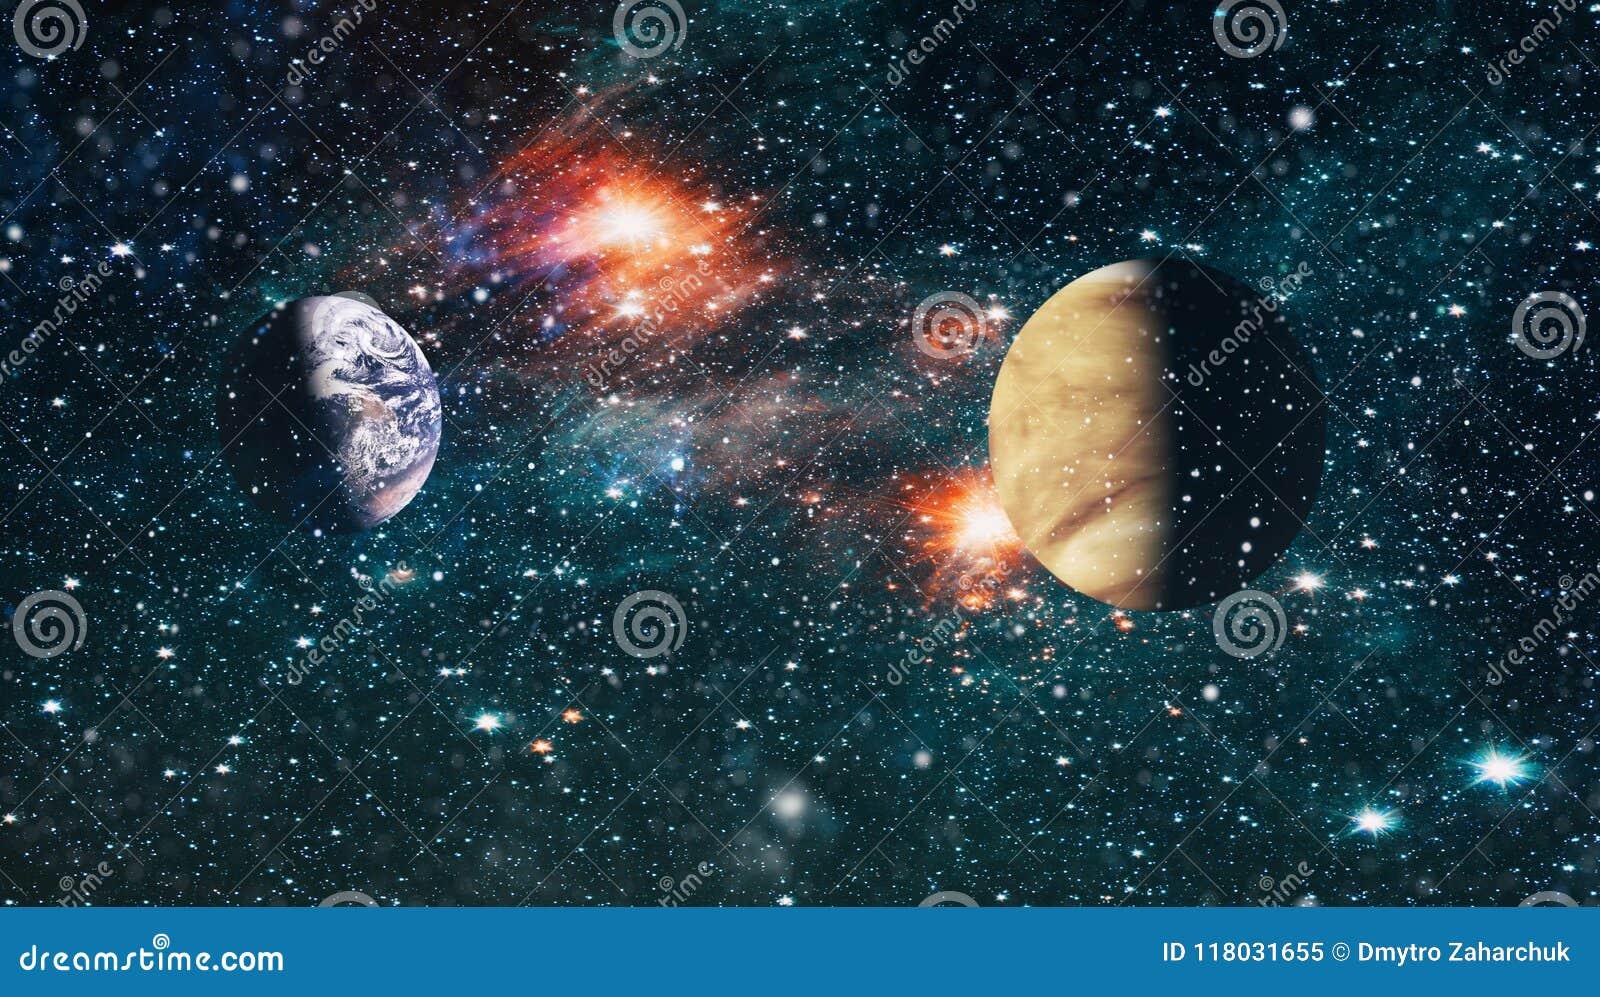 Planeten, Sterne und Galaxien im Weltraum, der die Schönheit der Raumforschung zeigt Elemente geliefert von der NASA